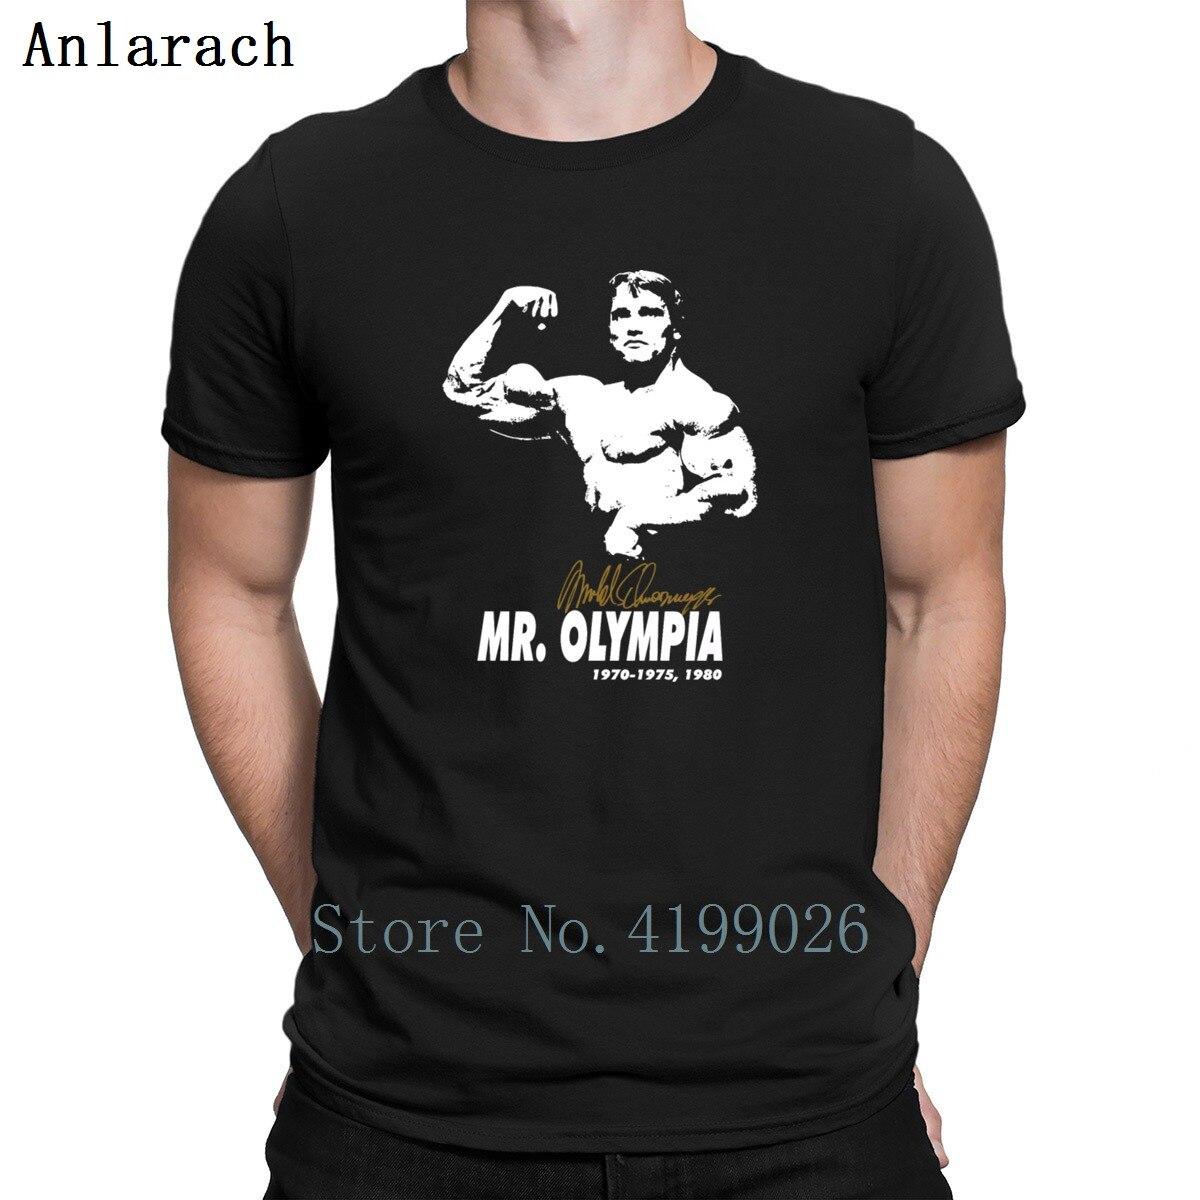 Arnold Schwarzenegger Mr Olympia T-shirt dos homens feitos sob encomenda  Camisetas Tamanho S-3xl Hiphop Encabeça Tee Verão Qualidade Do Edifício Do